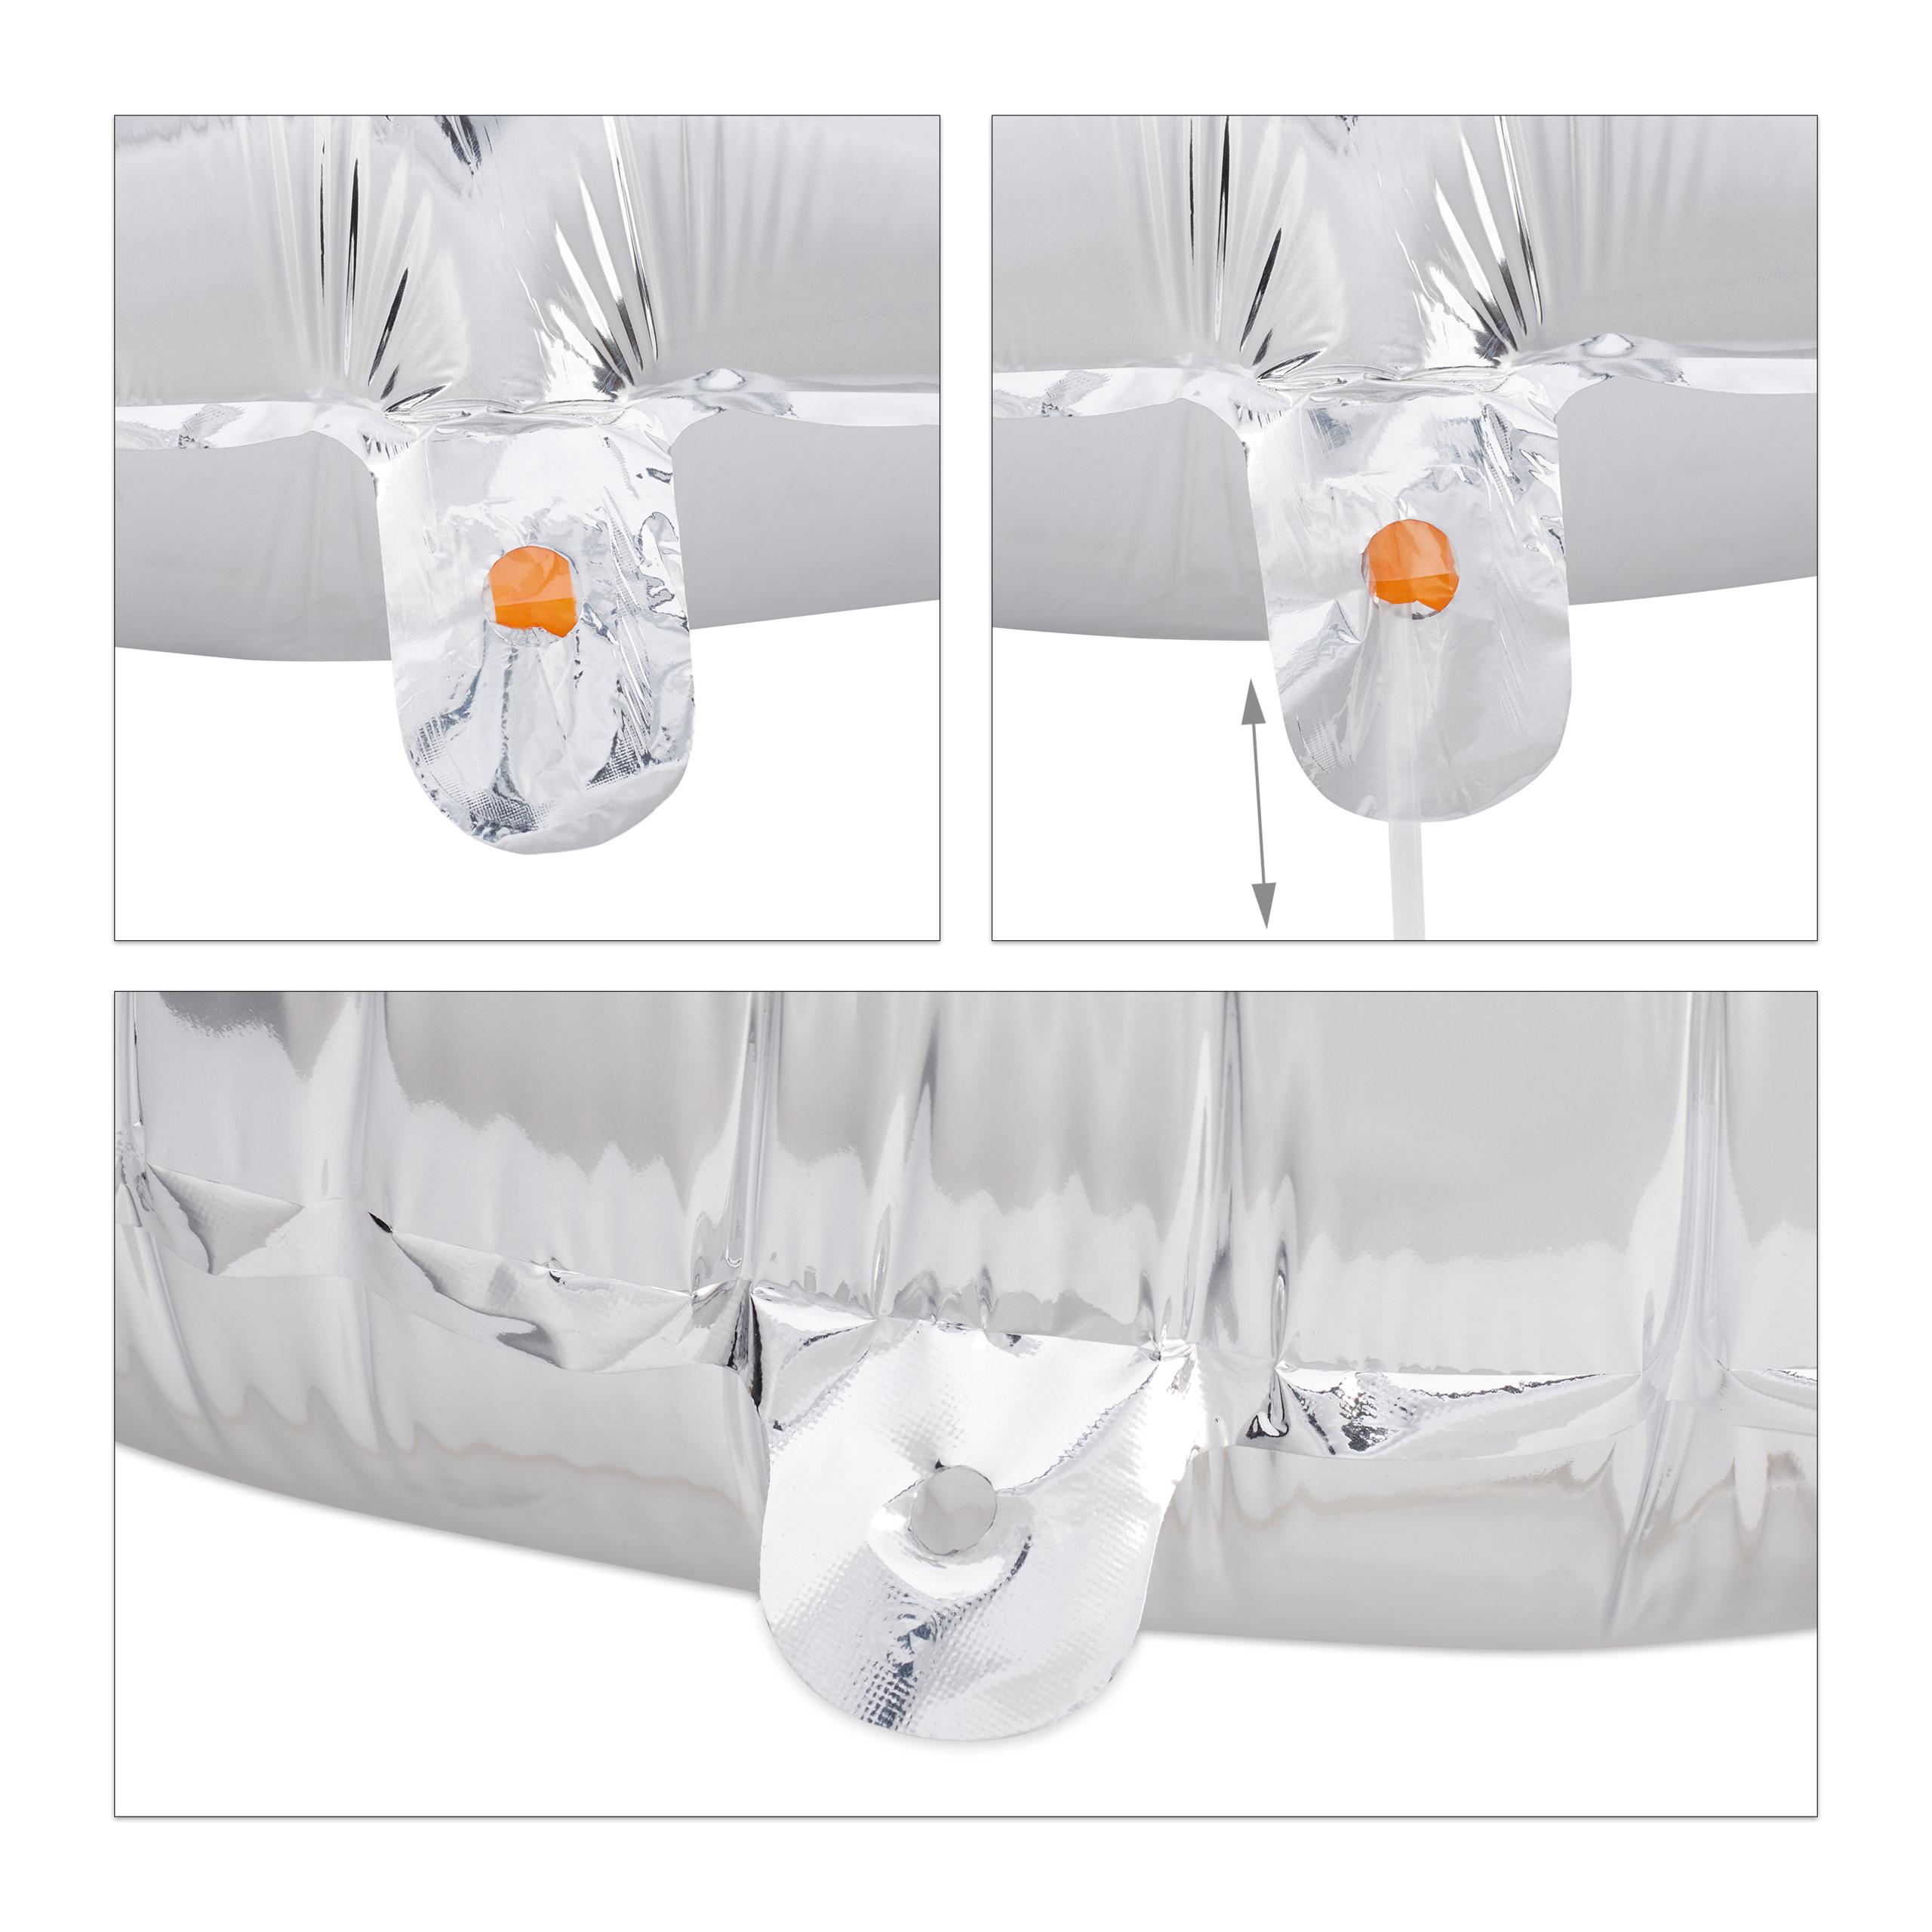 Ballon-chiffre-numero-21-gonflable-anniversaire-decoration-geant-mariage miniature 6